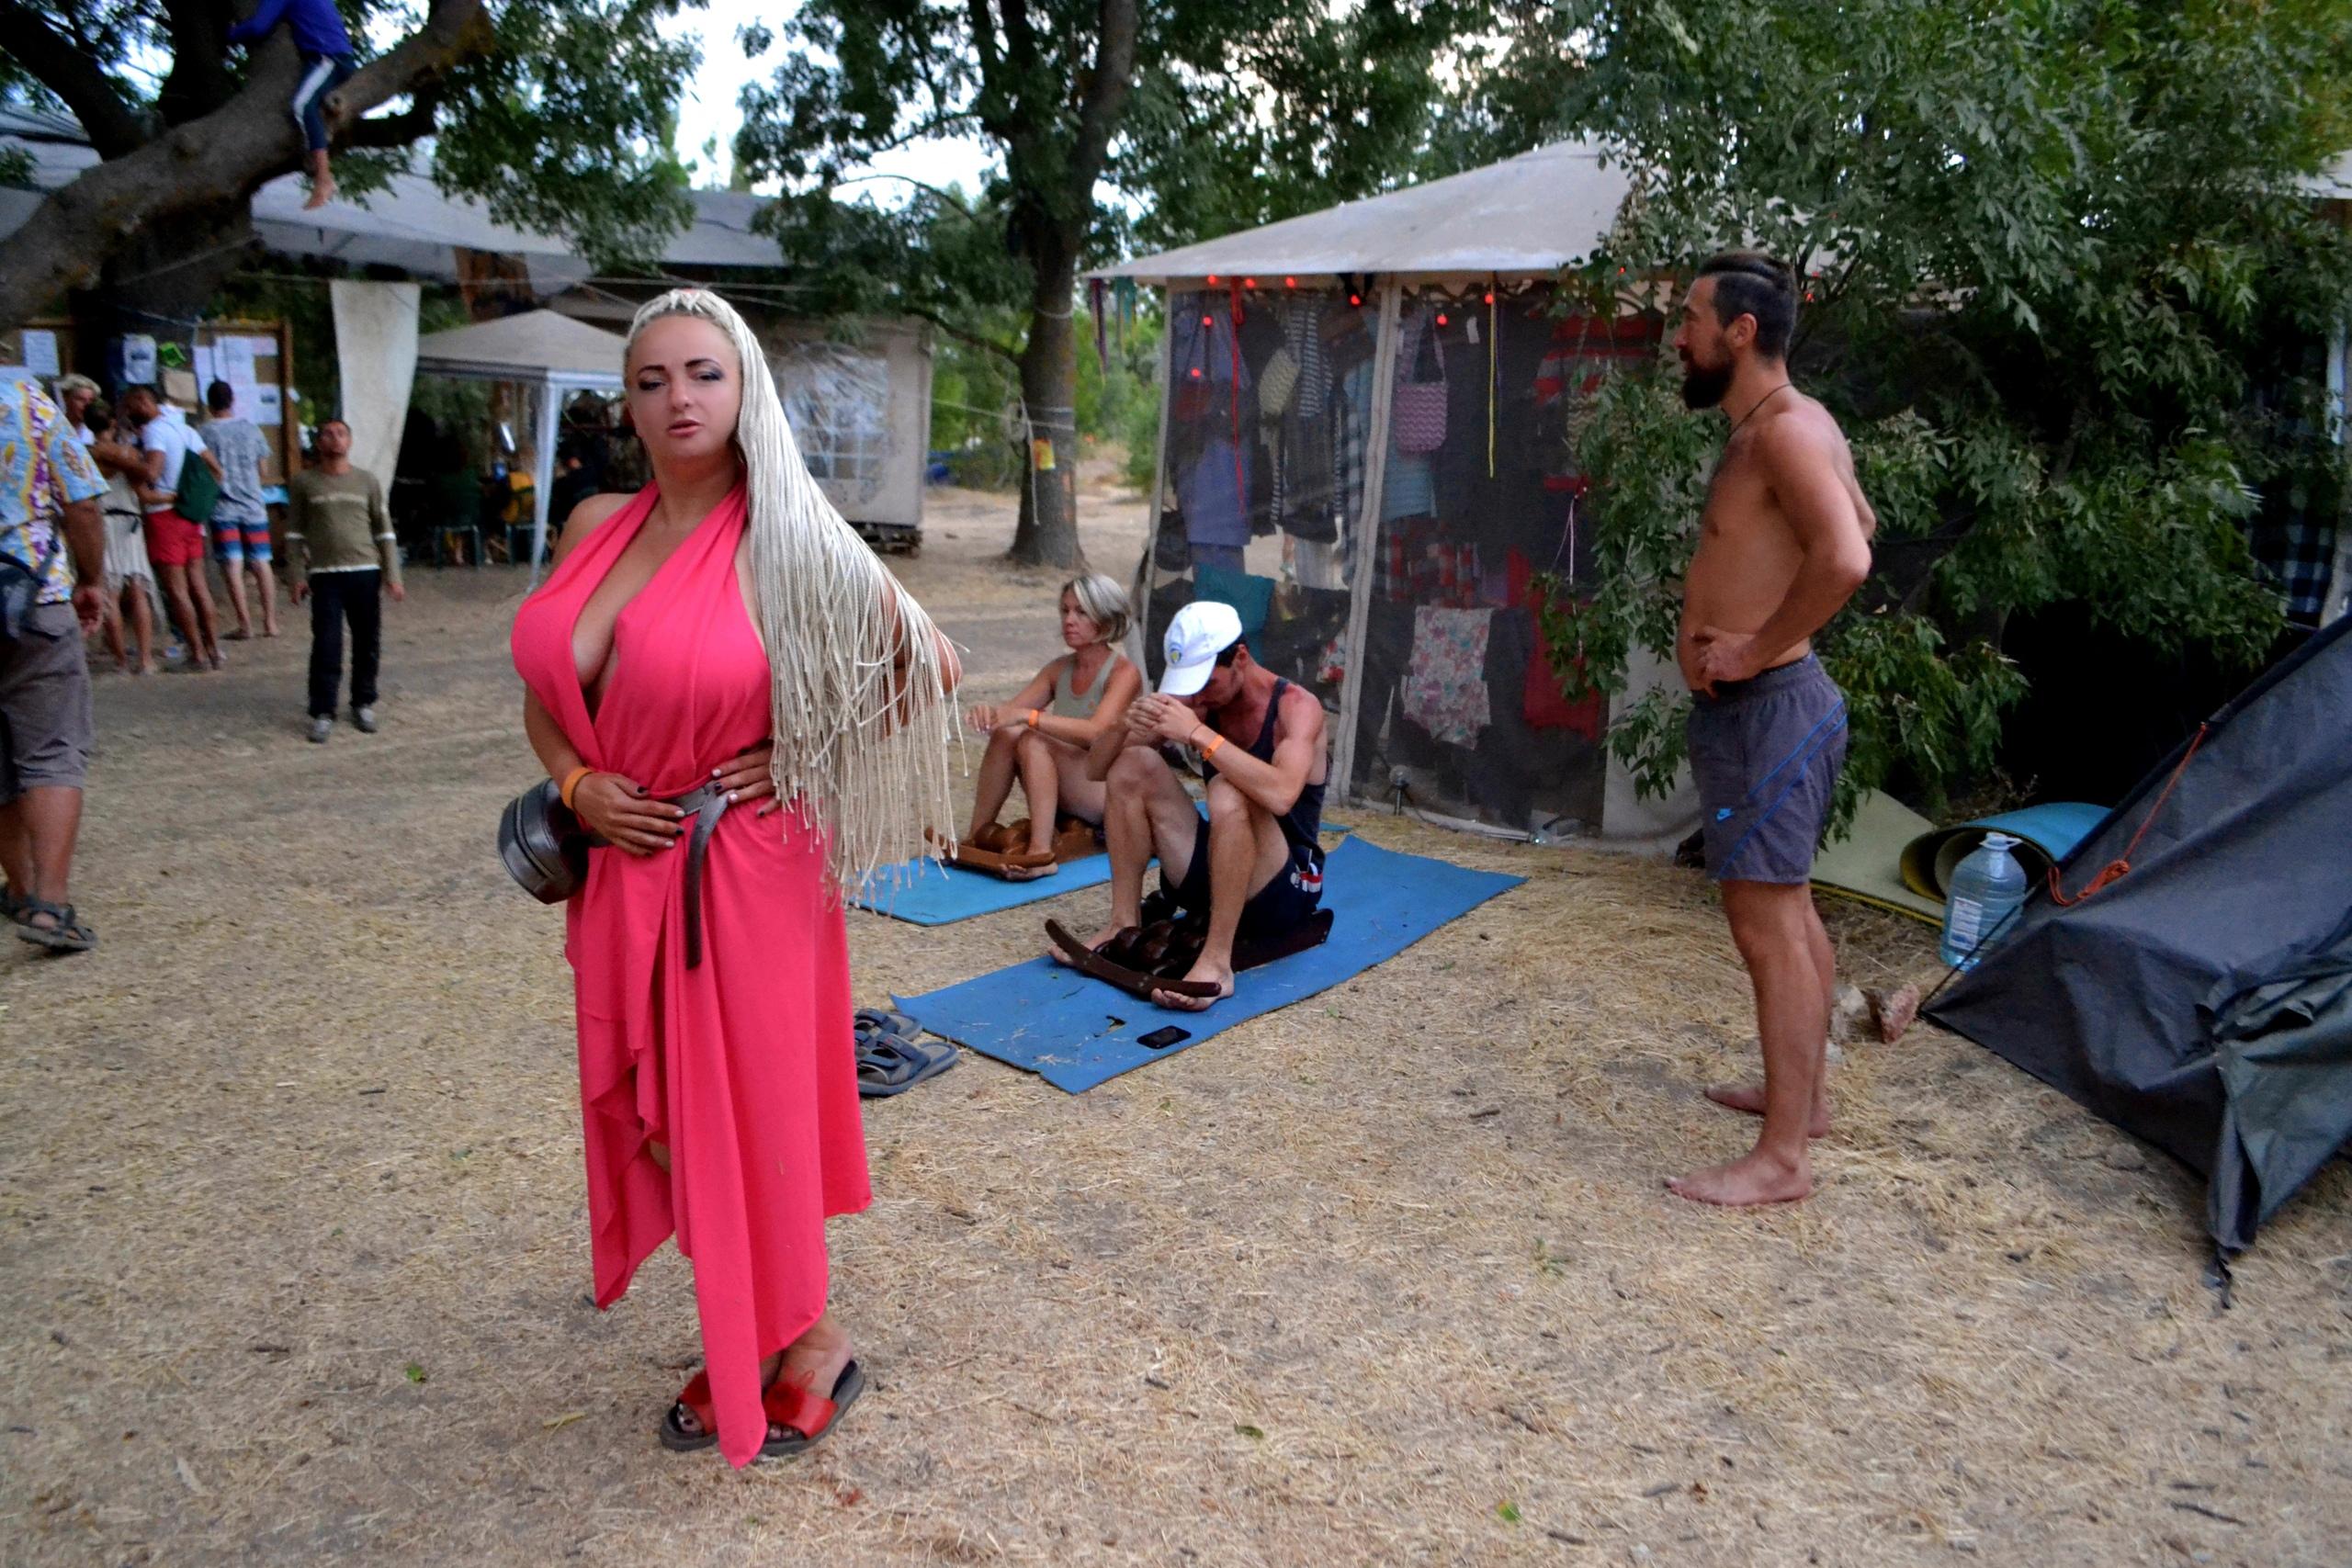 Елена Руденко (Валтея). Эзотерический фестиваль. Одесская сказка 2018 г. - Страница 6 Qkg30x6Sq10